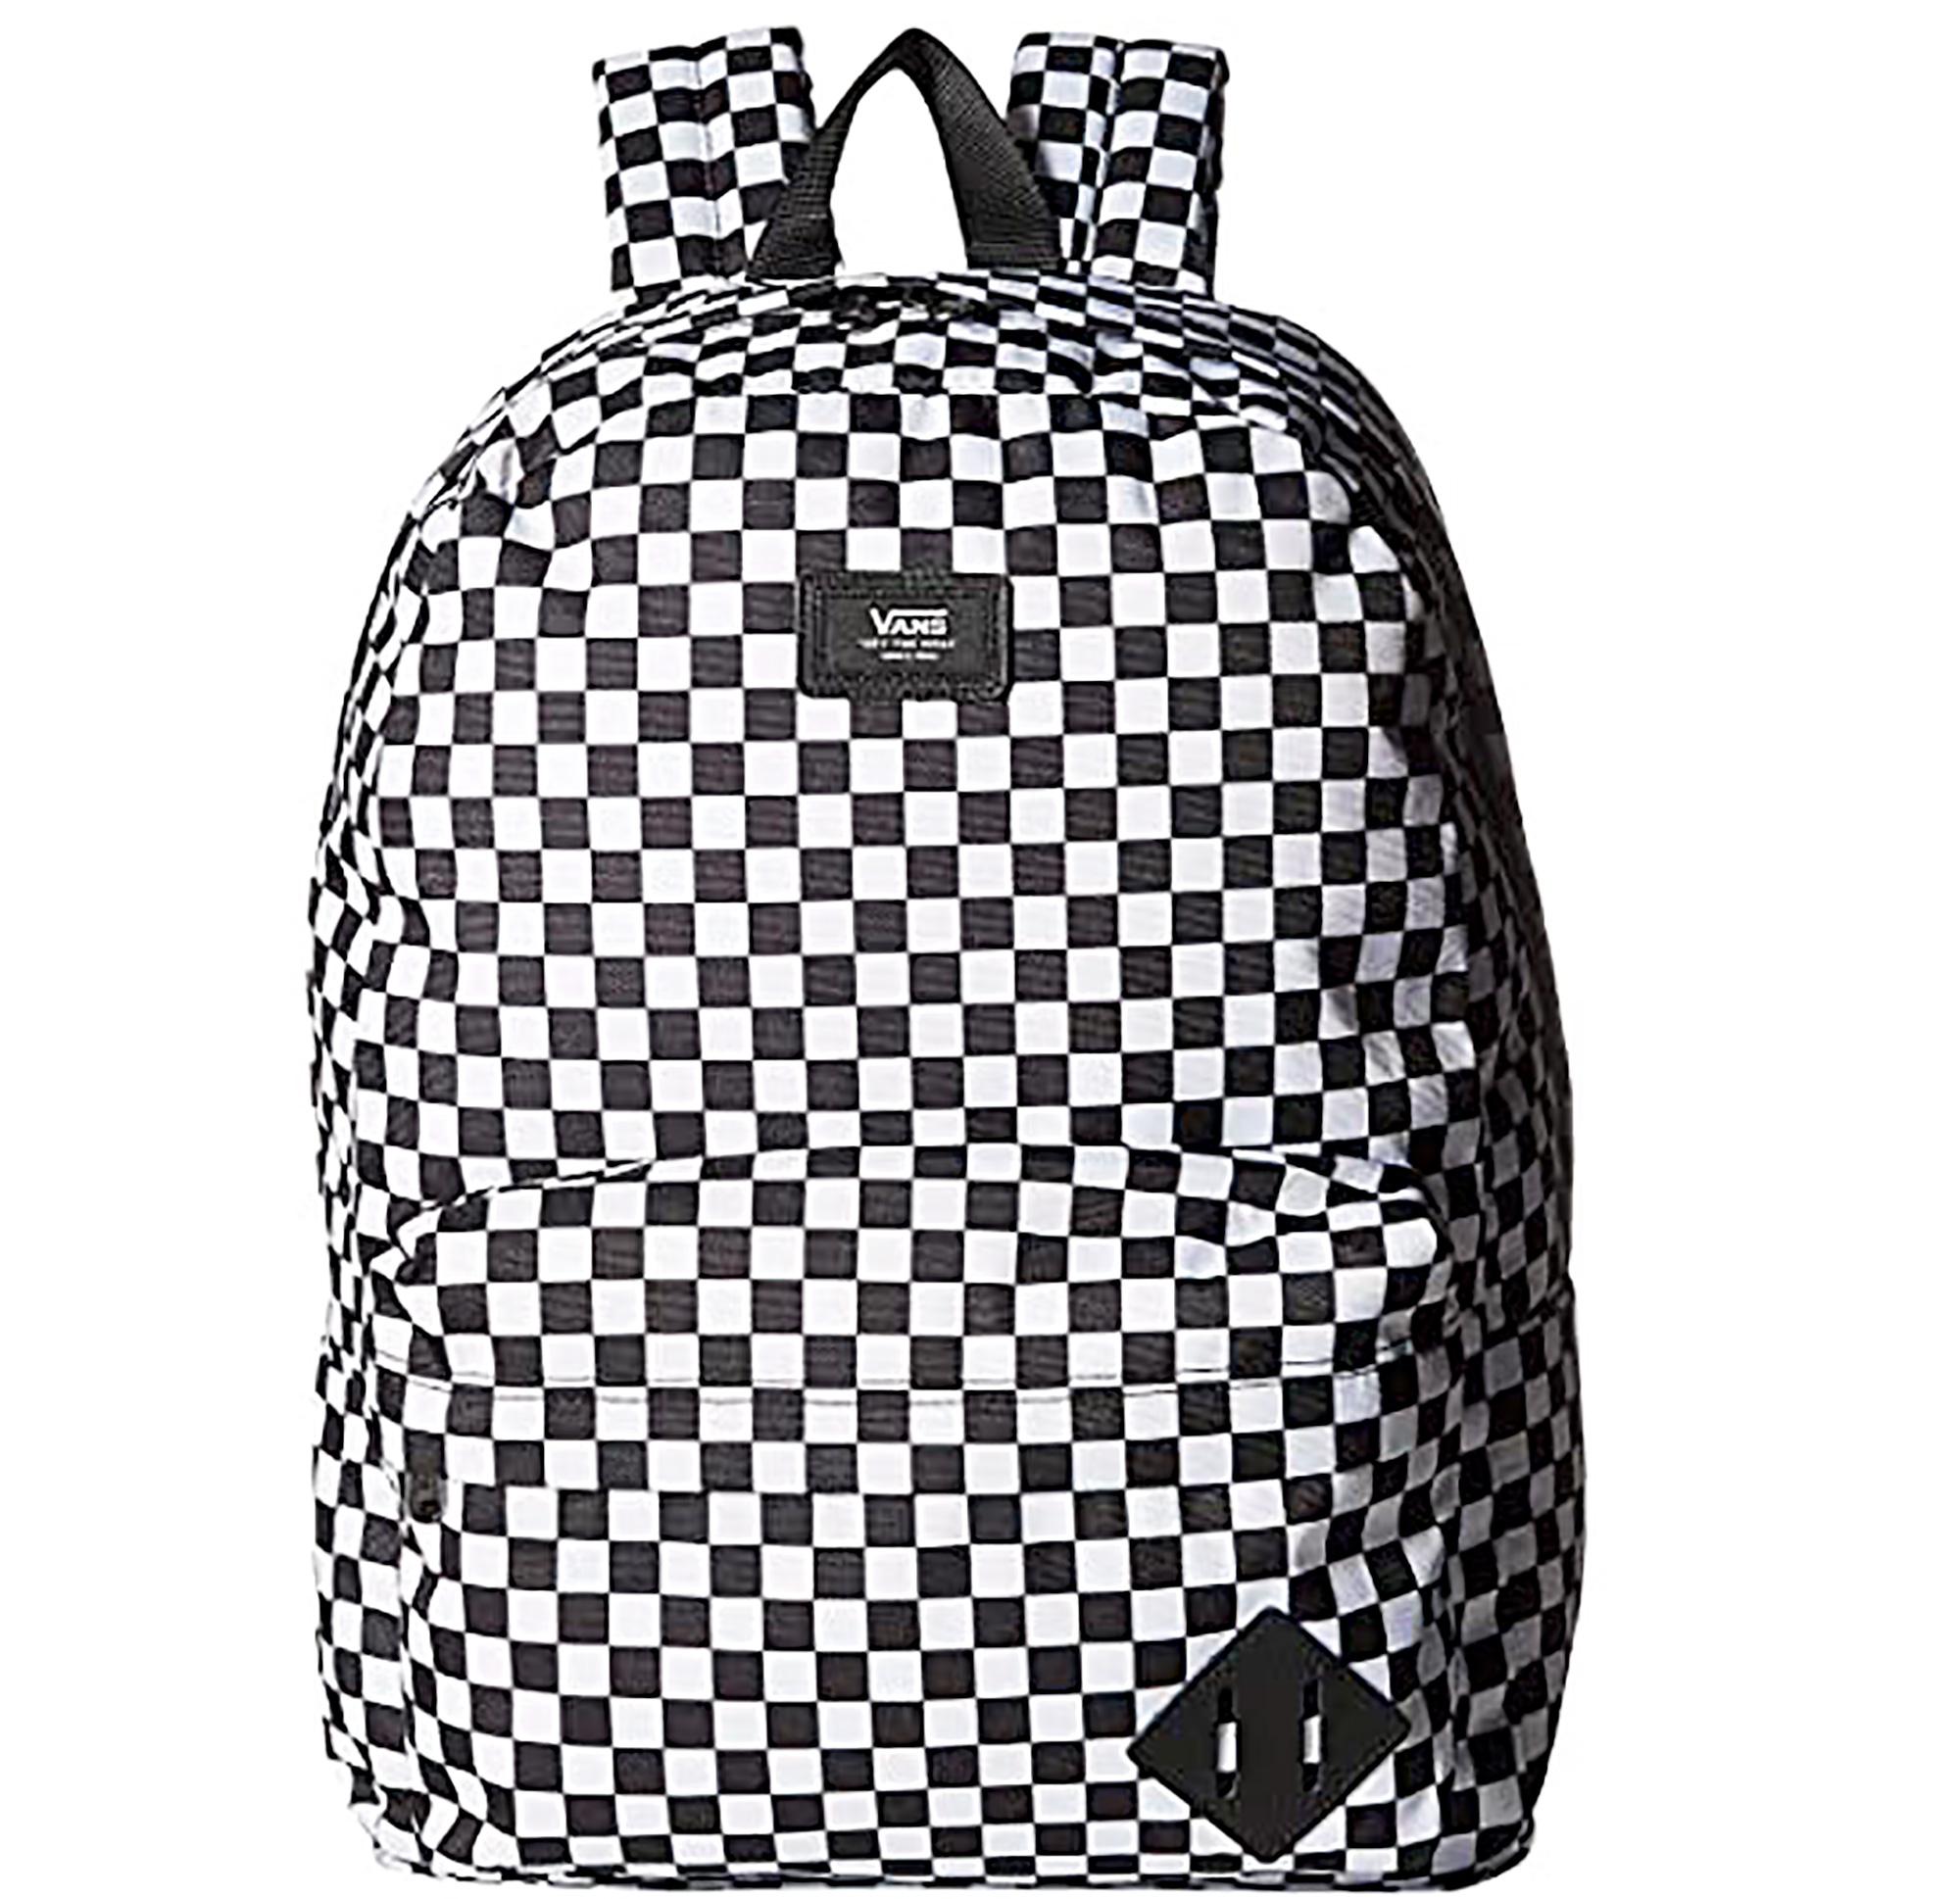 Nada más importante que un buen morral para el regreso al colegio y este modelo clásico de la marca Vans puede ser la opción ideal.                             Precio: $36.00